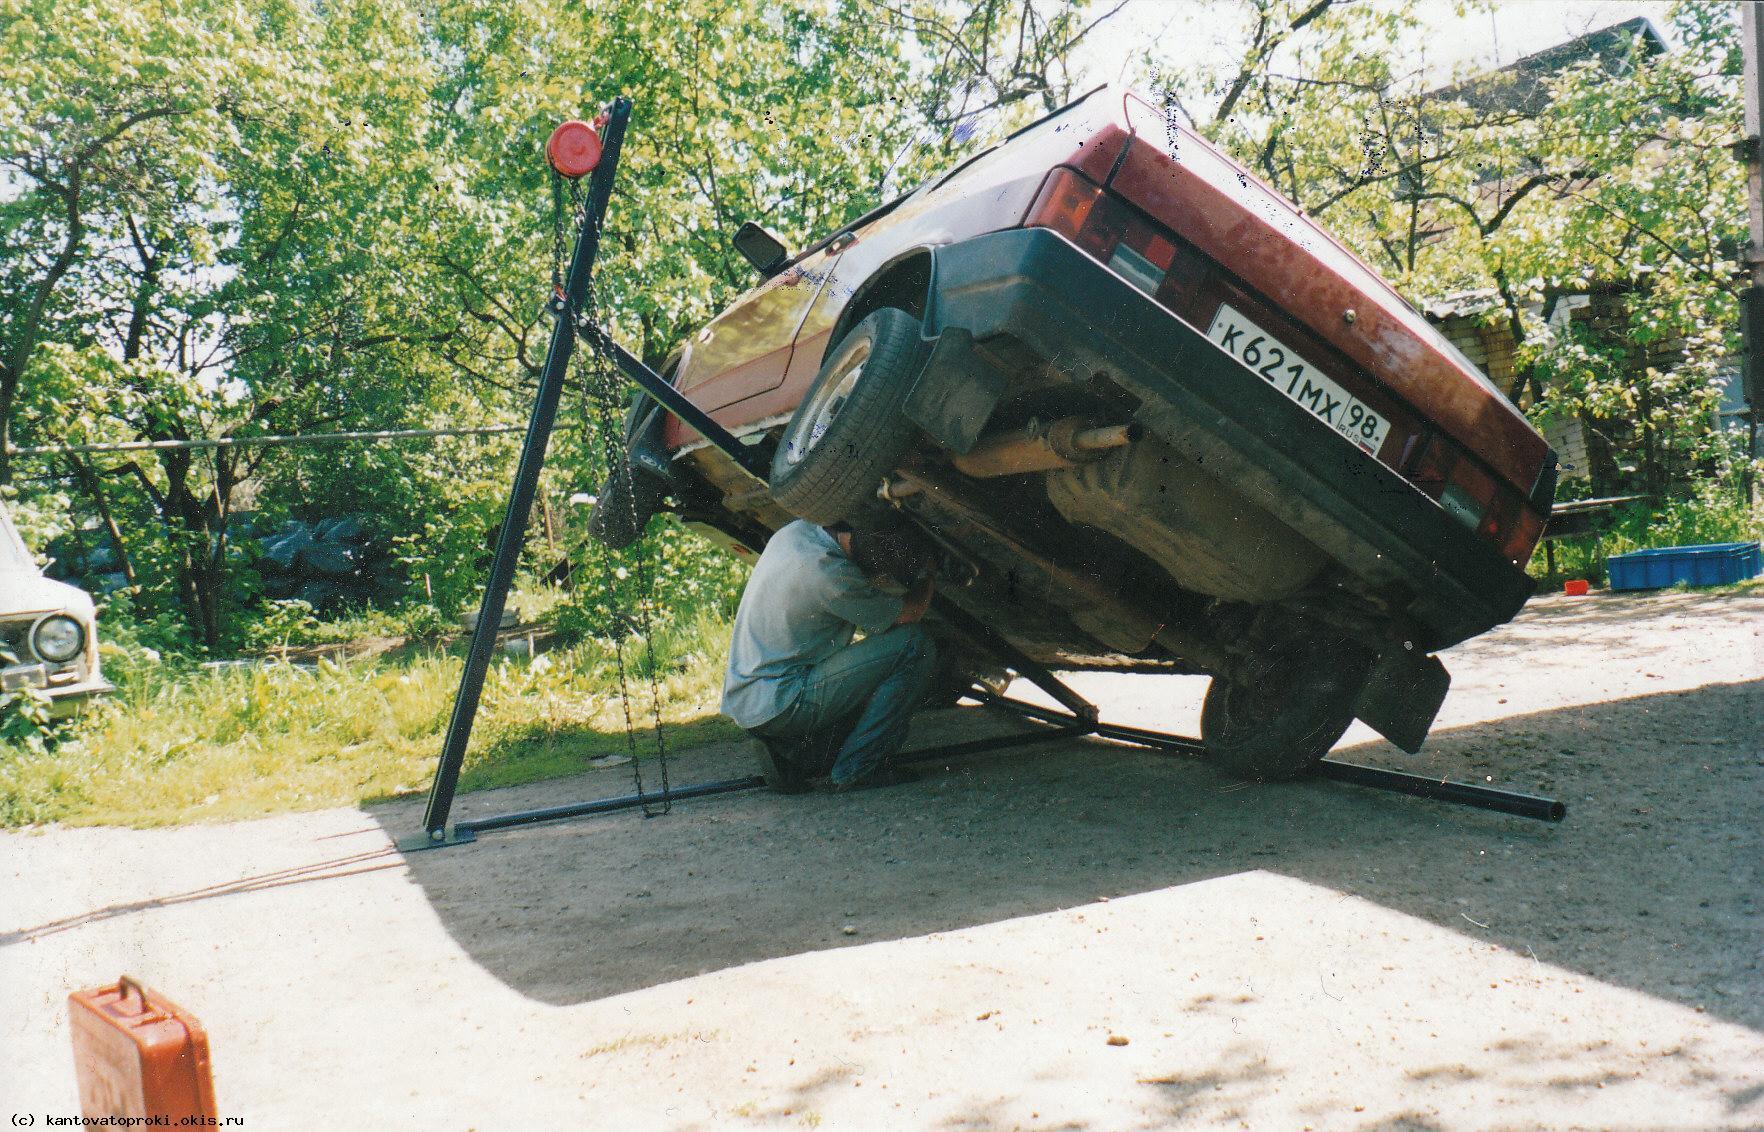 Приспособление для переворачивания авто на бок